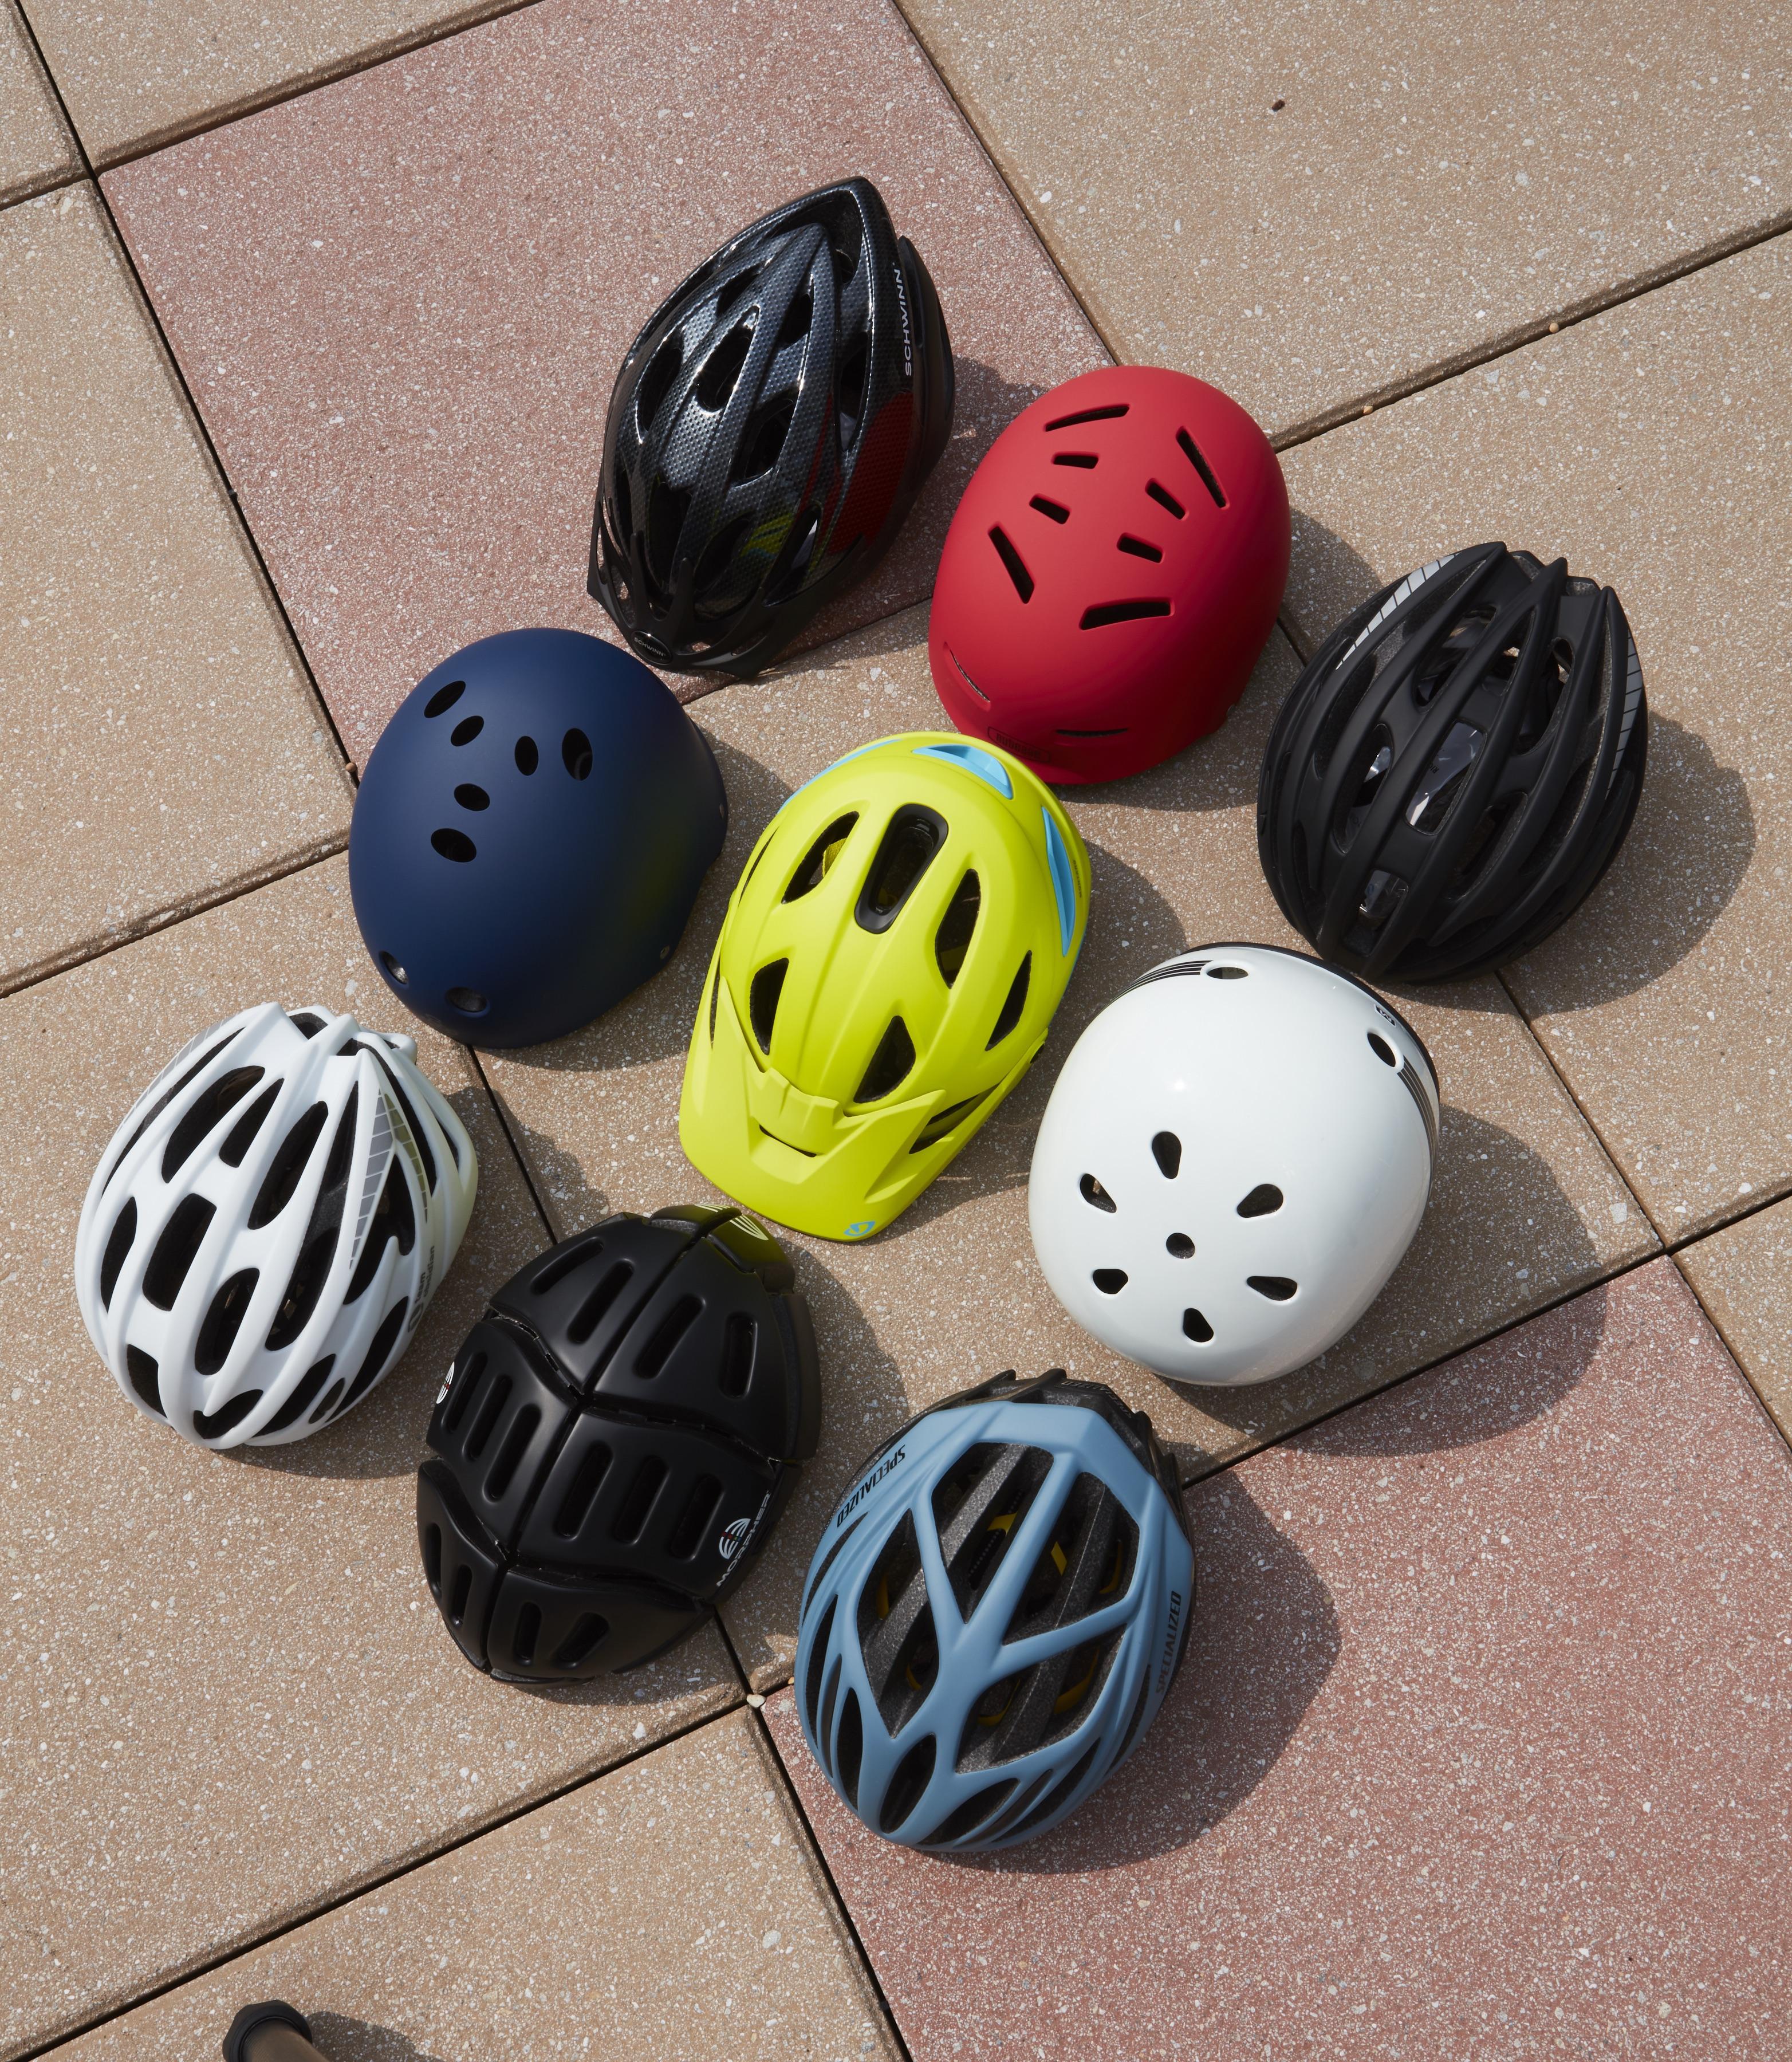 Bike helmets 2019